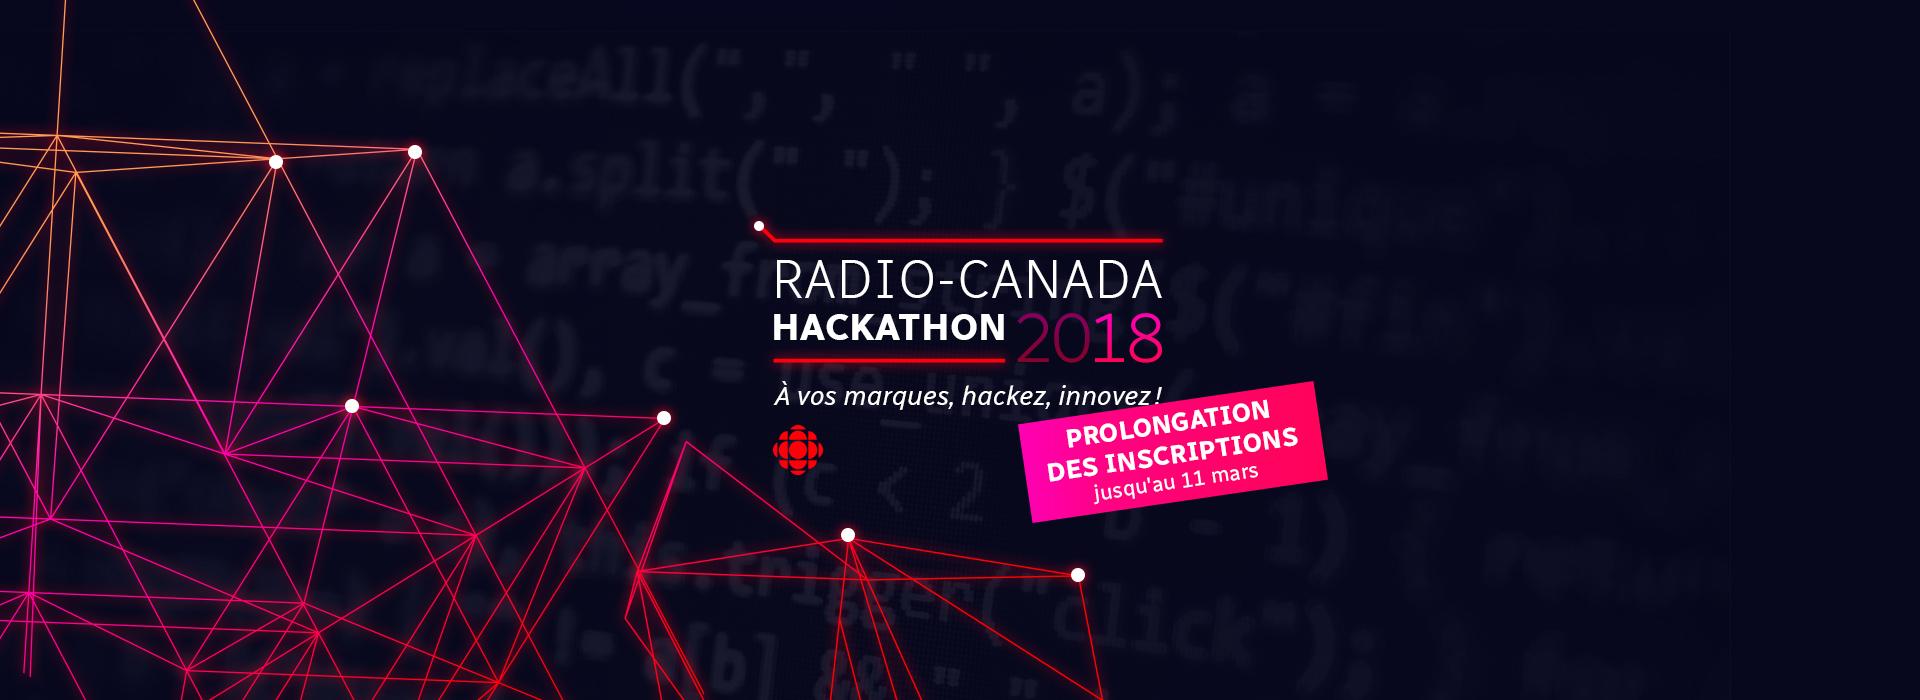 Есть ли порох в пороховницах? Hackathon Radio Canada 2018 (Часть вторая — боевая готовность)